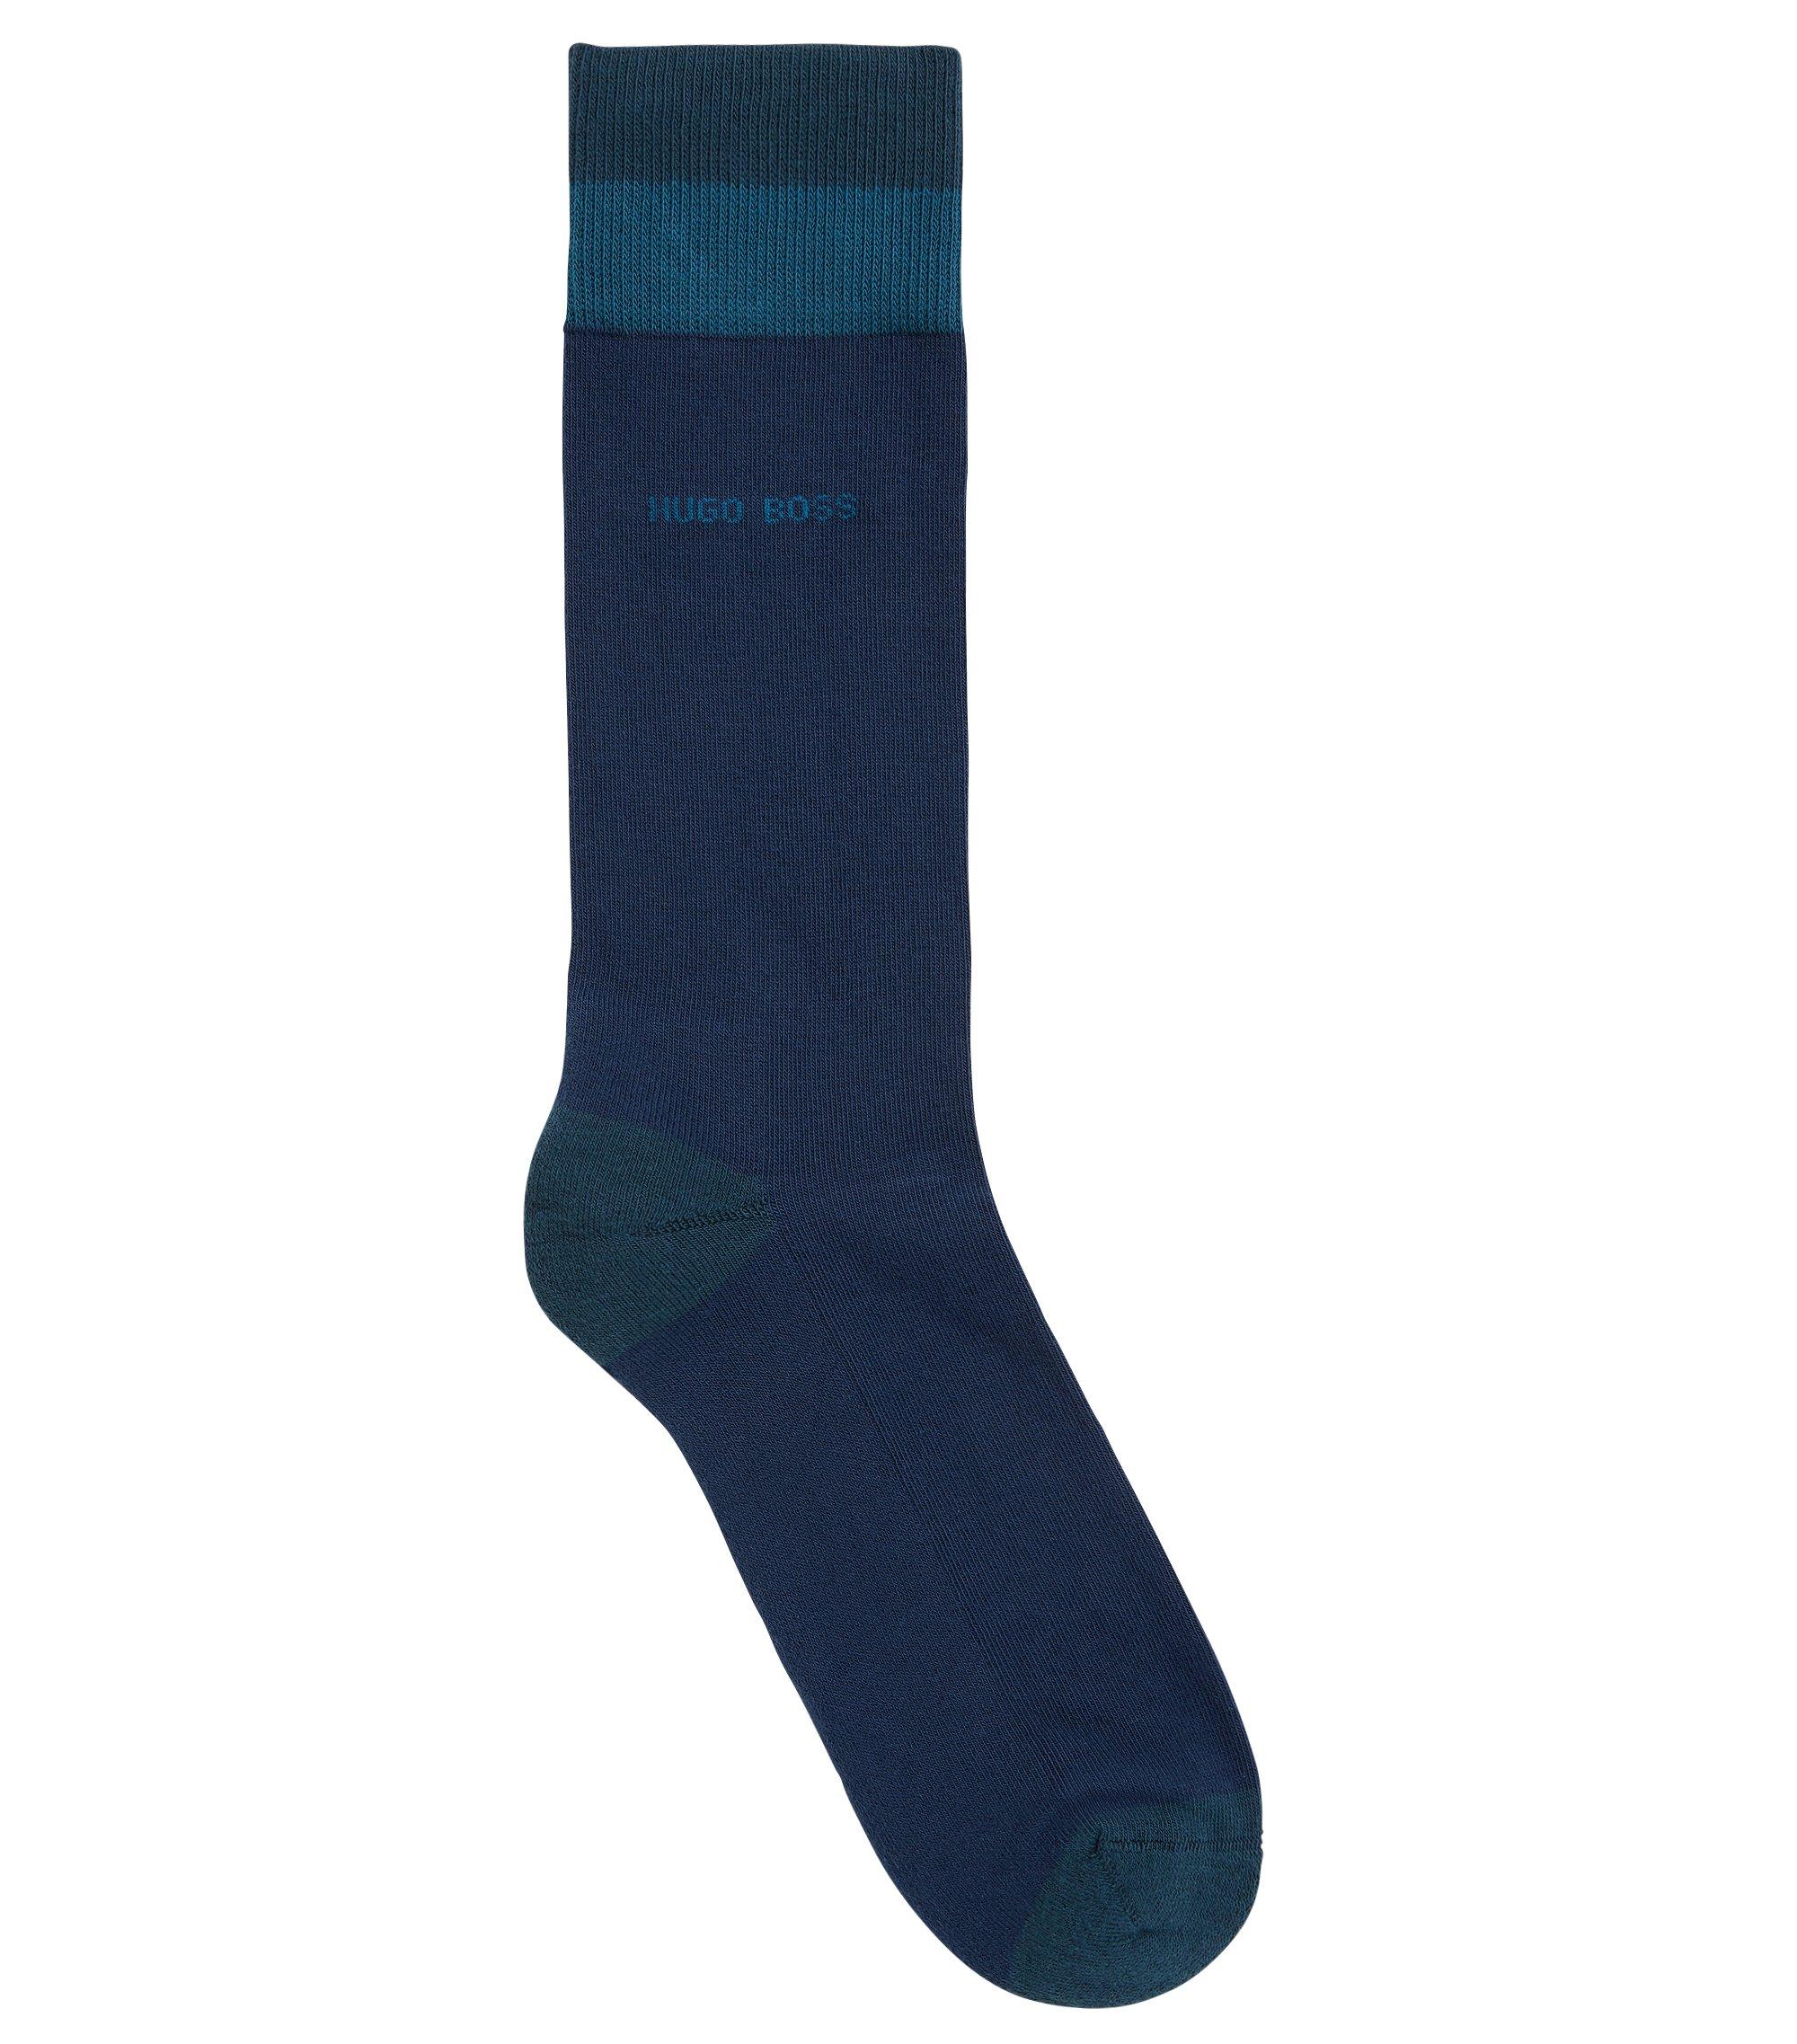 Chaussettes mi-mollet en coton mélangé , Bleu foncé